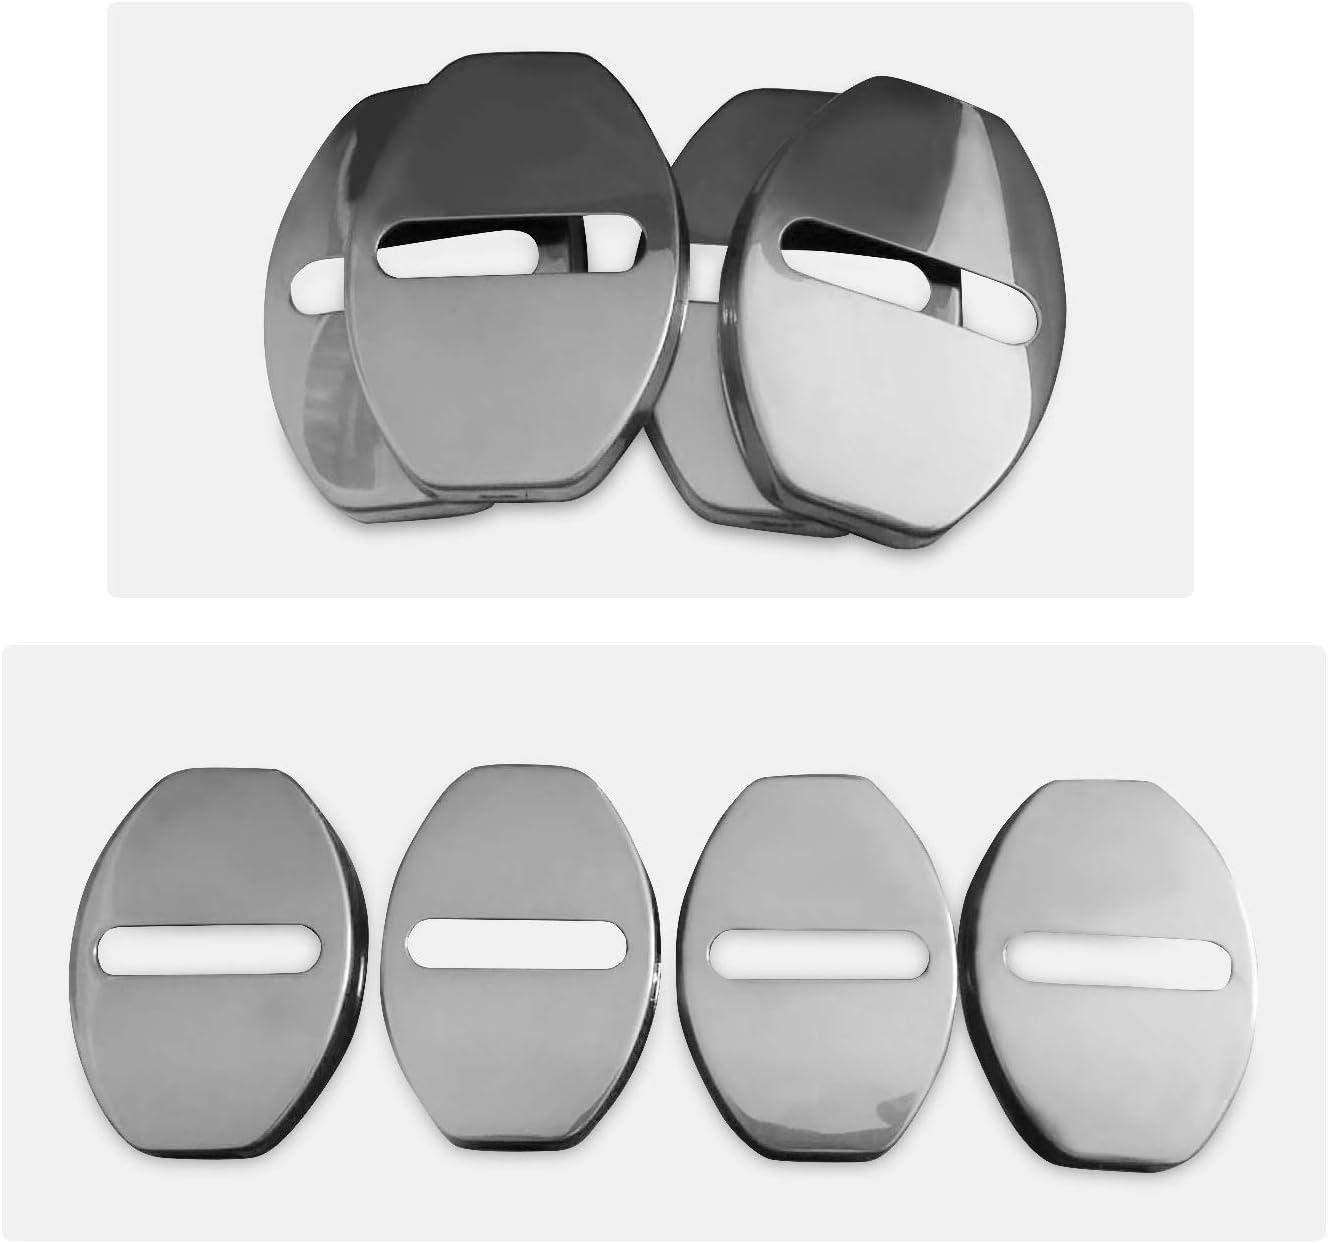 Areyourshop colore: argento e nero Set copri maniglia per portiera auto per Au-di S6 A6 2005-2009